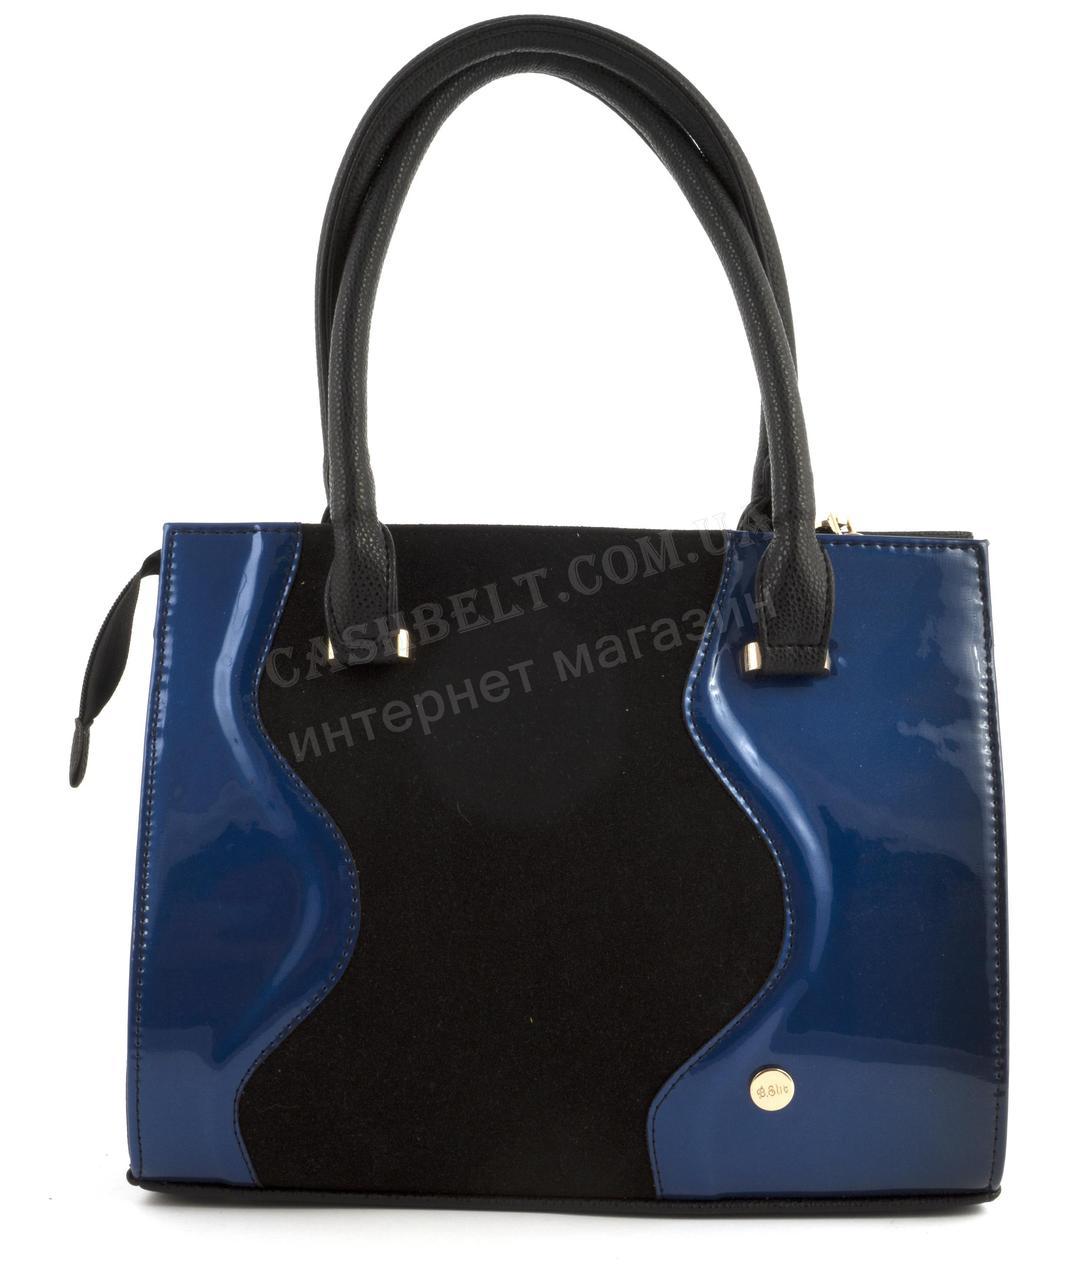 Оригінальна каркасна сумка з еко шкіри дуже високої якості лак/замш B. Elite art. 06-49 чорна/синя